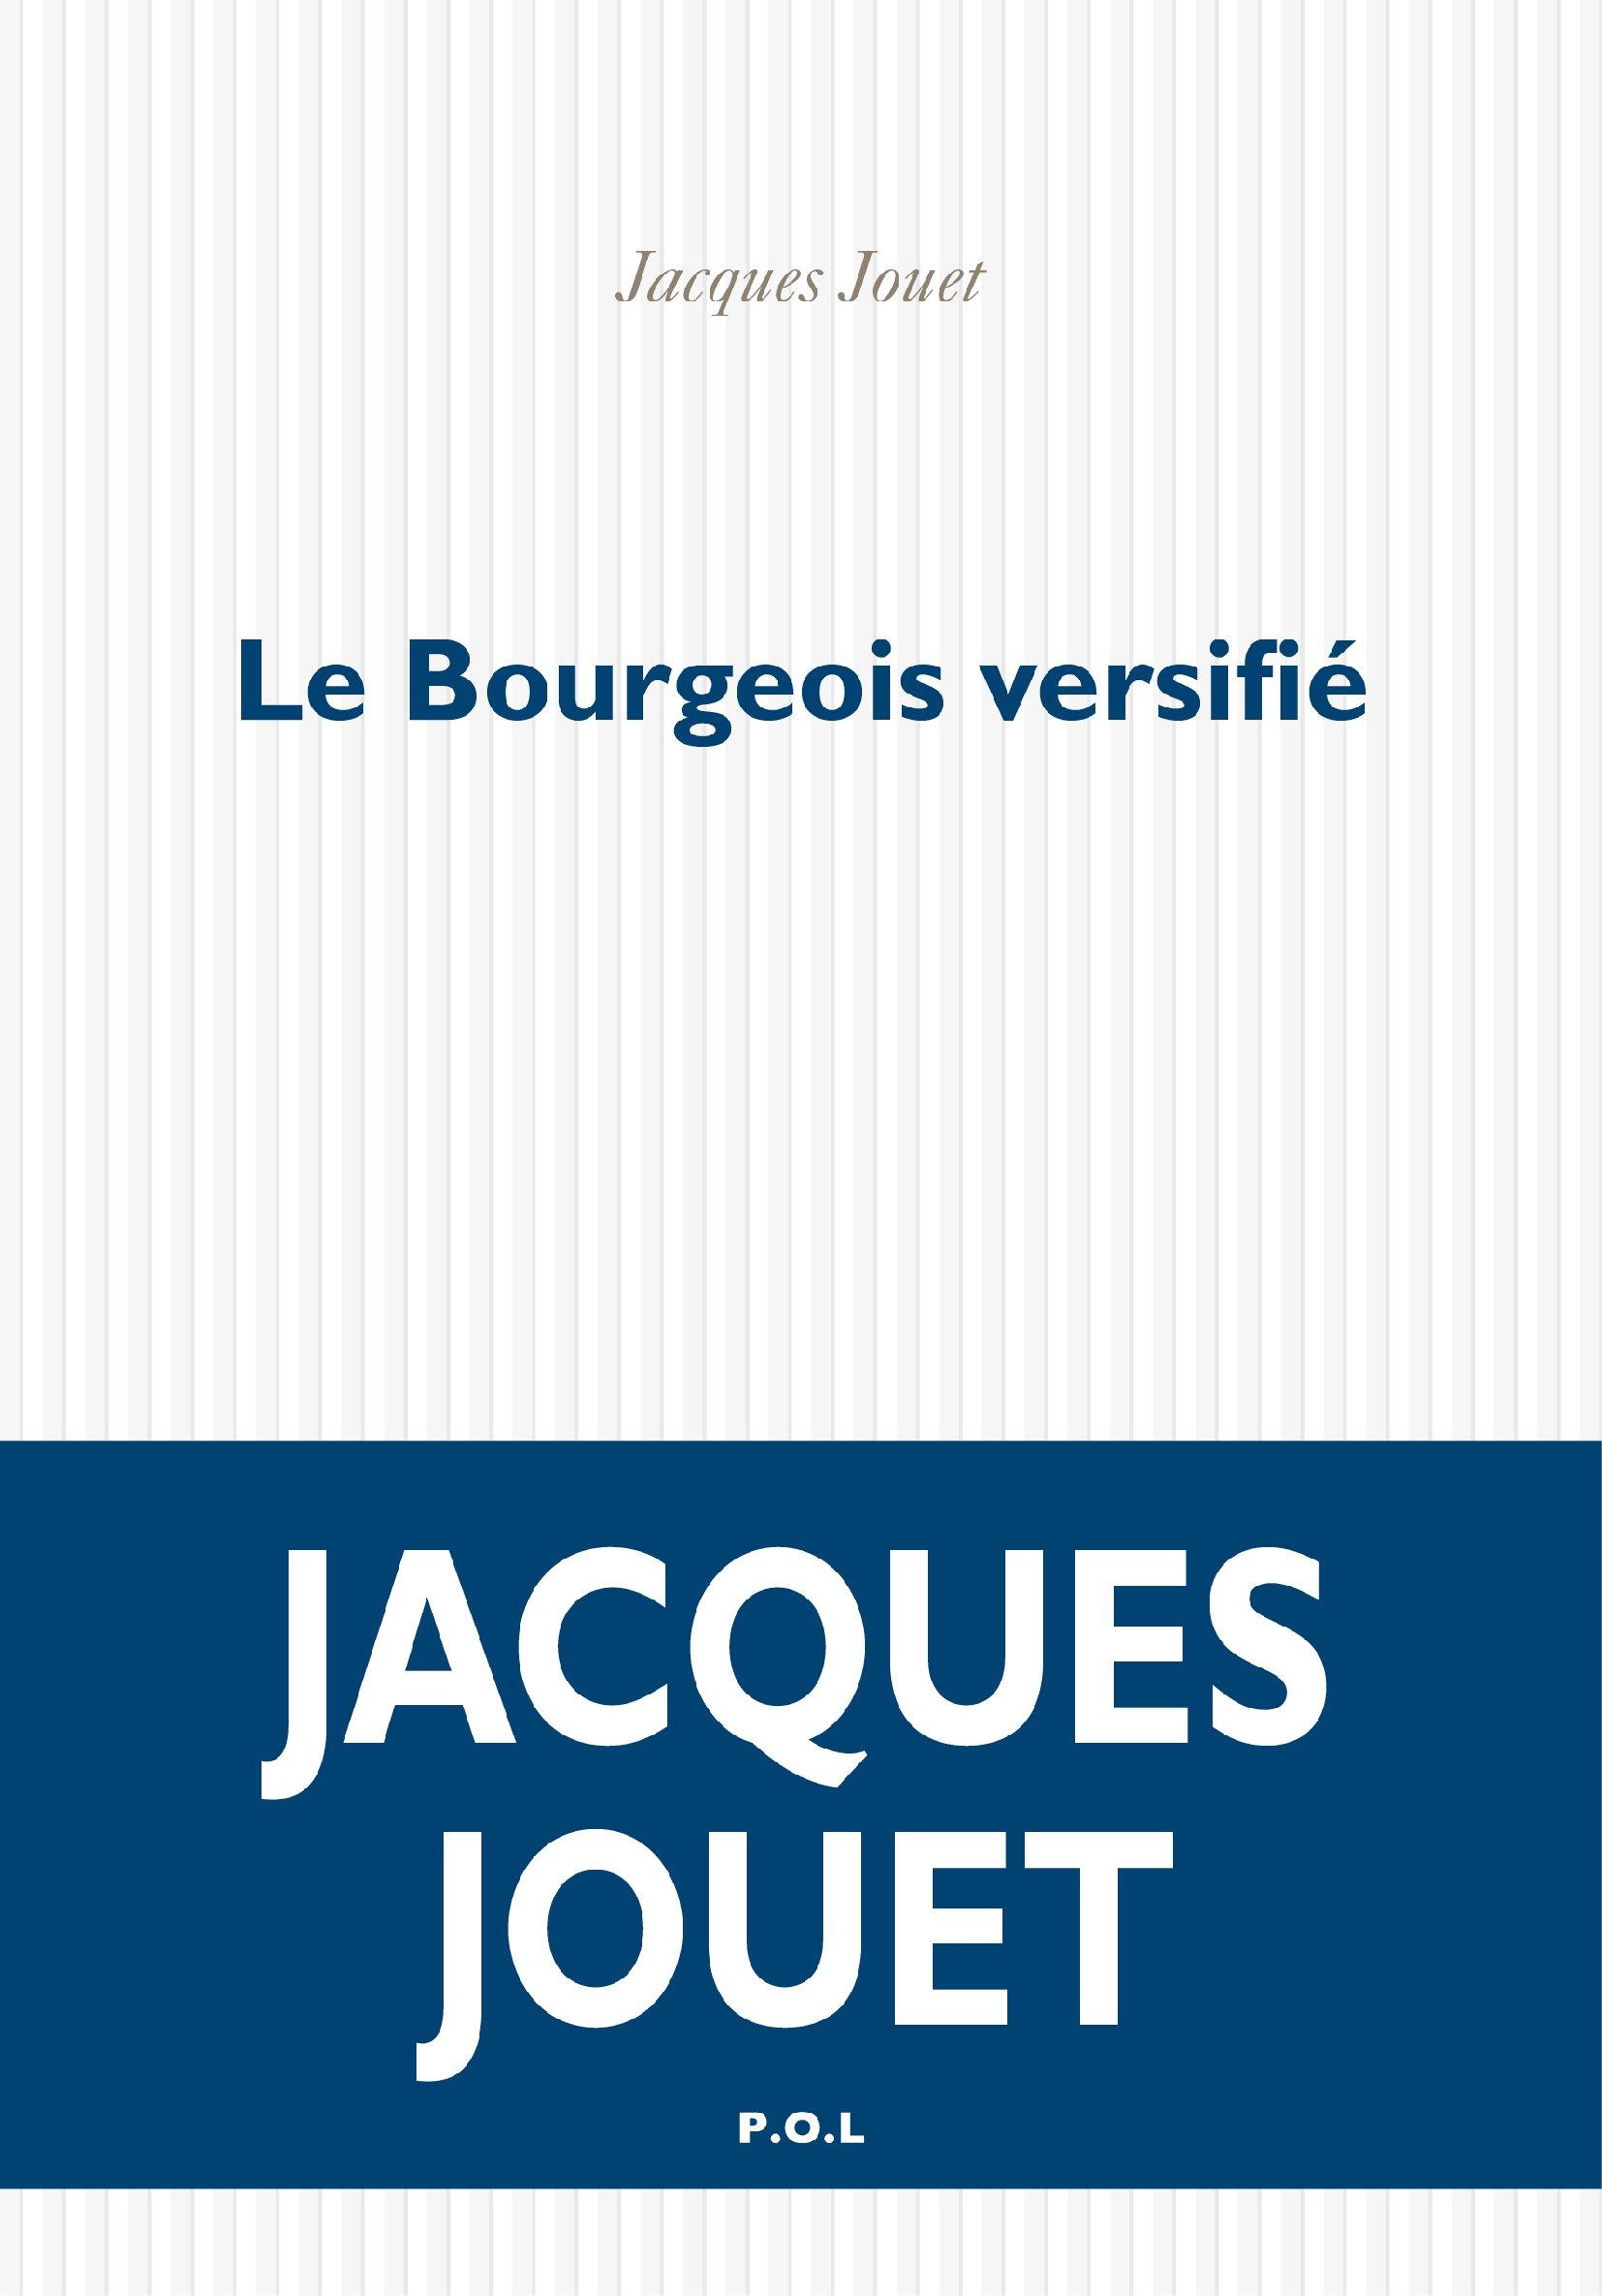 Le Bourgeois versifié